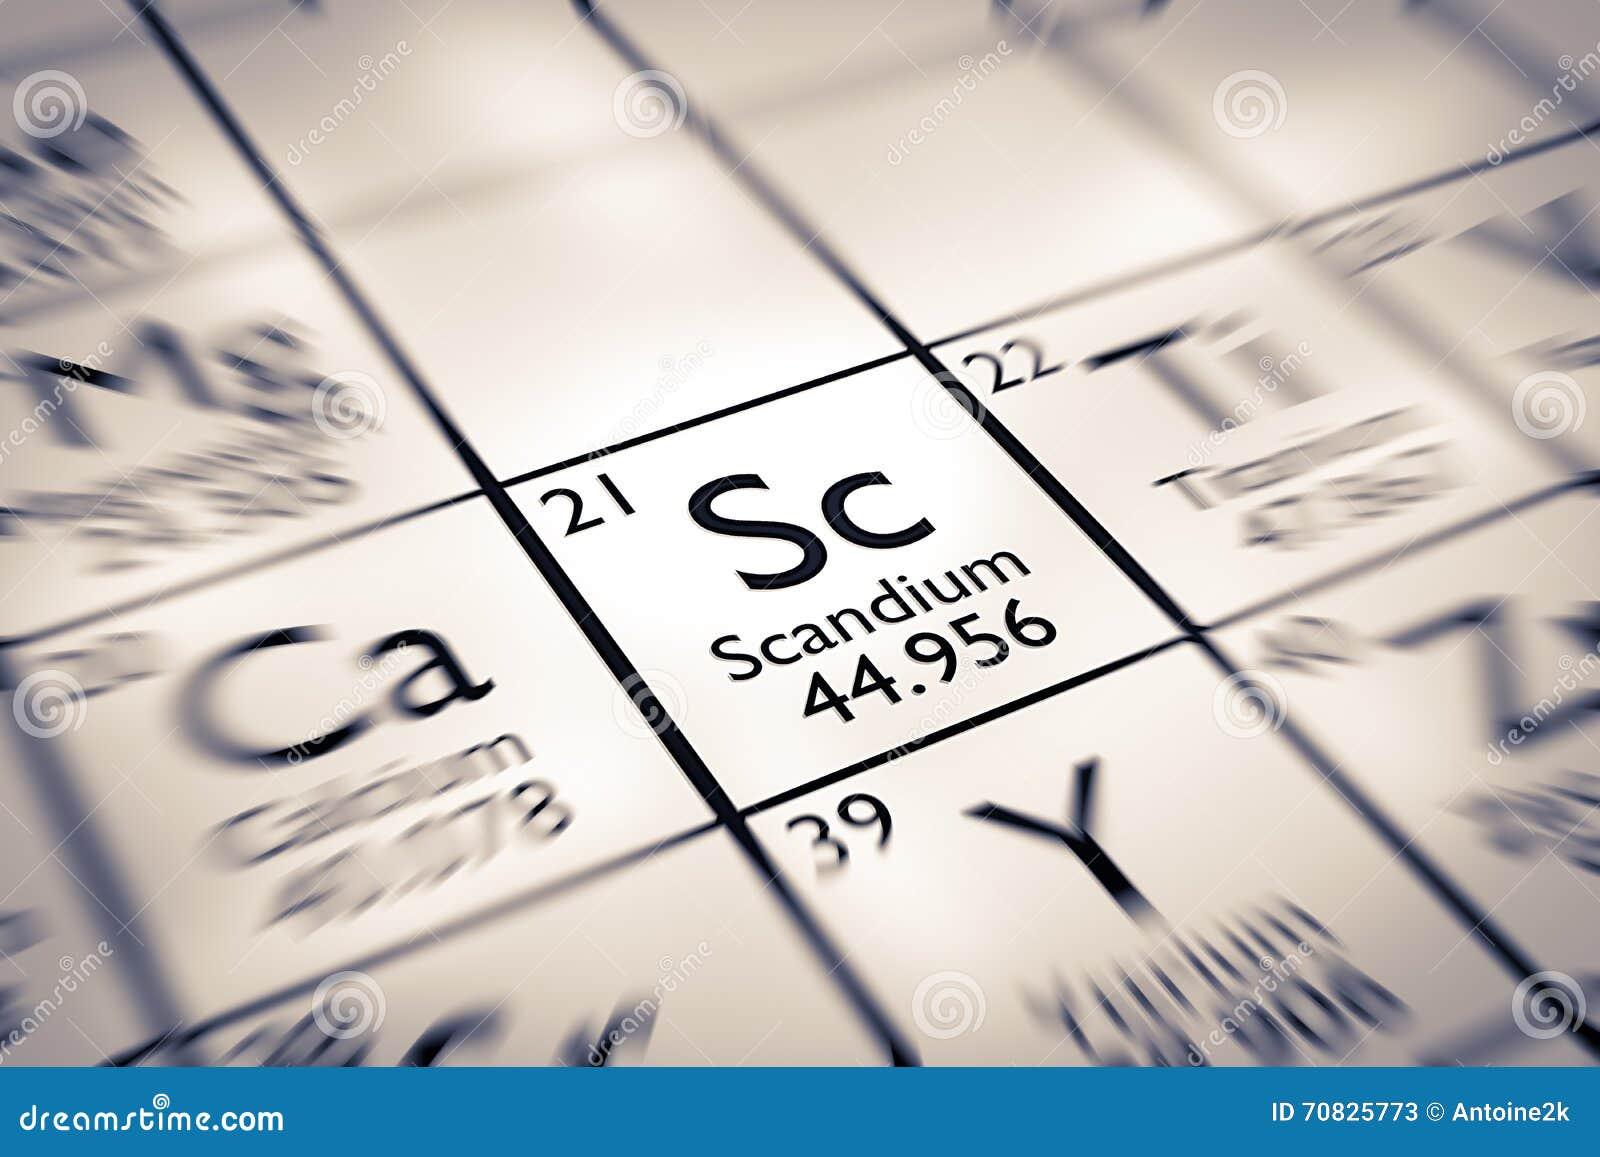 Focus on scandium chemical element stock illustration image focus on scandium chemical element gamestrikefo Images